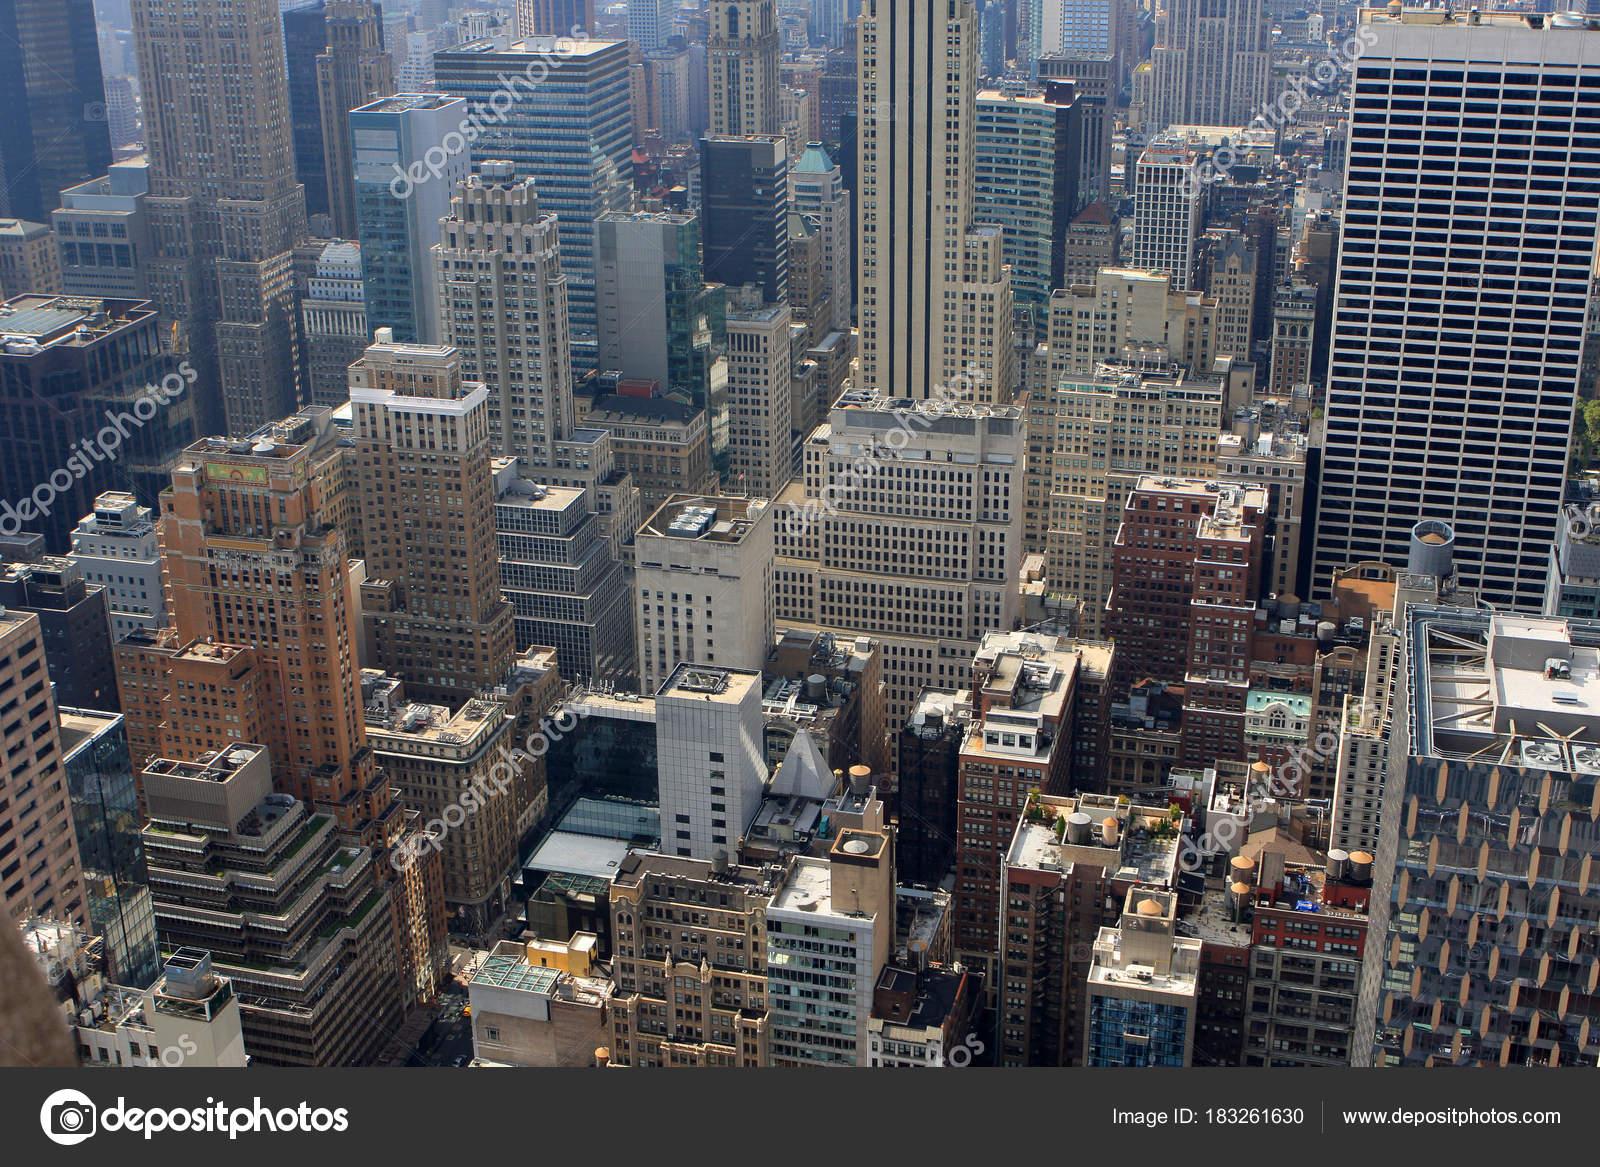 ニューヨーク アメリカ岩建物の上からの眺め \u2014 ストック写真